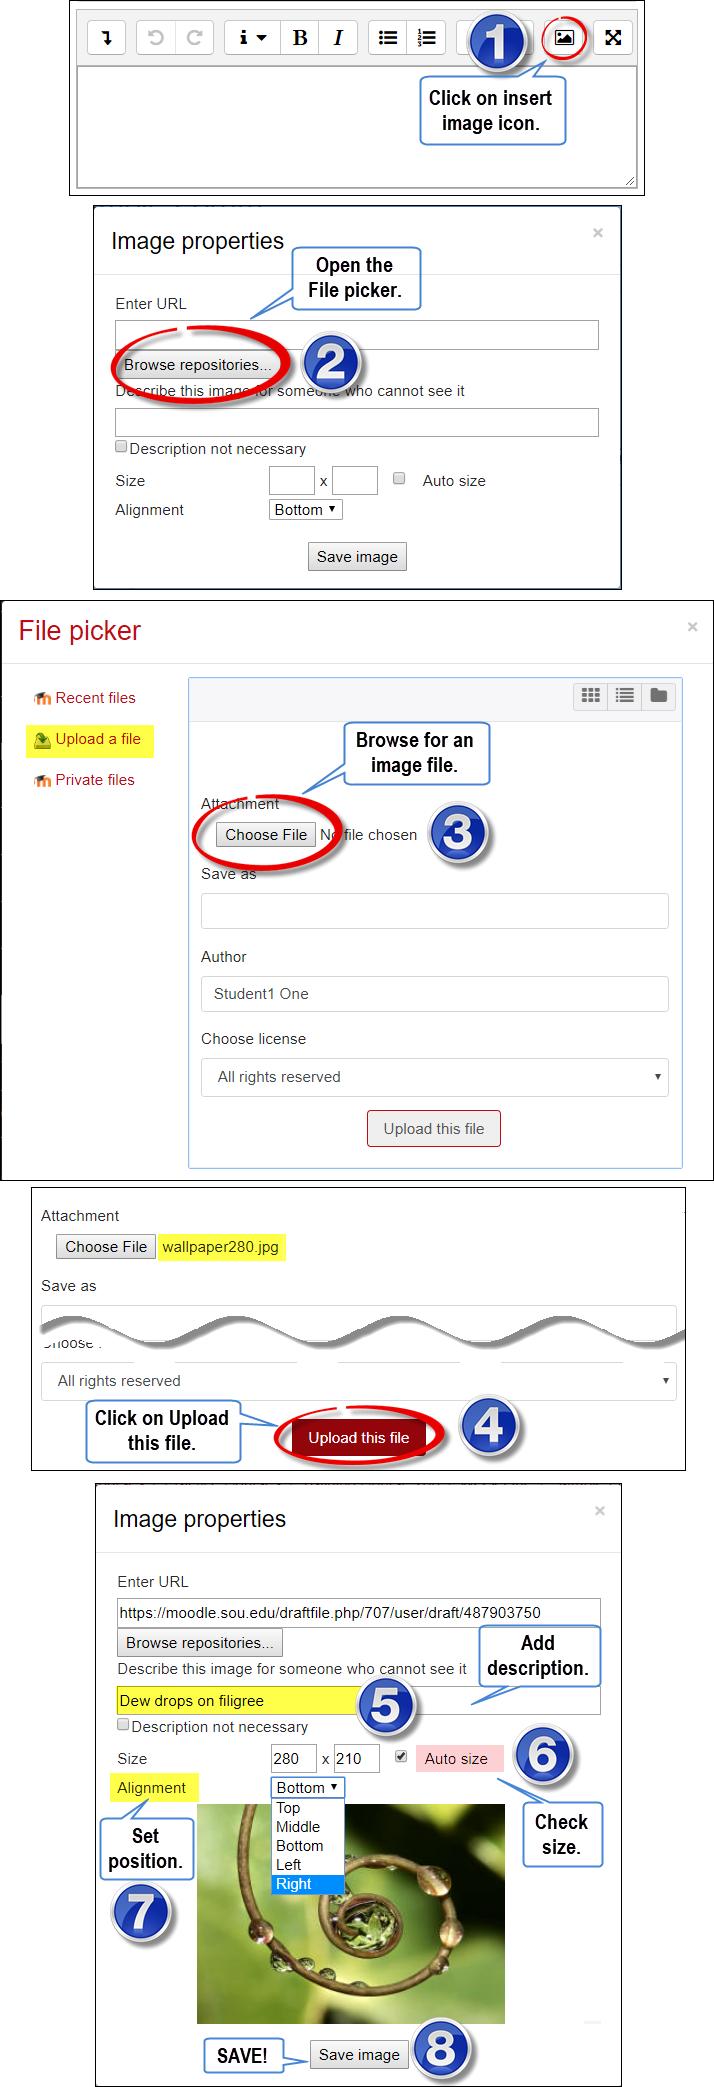 Screenshots of image options